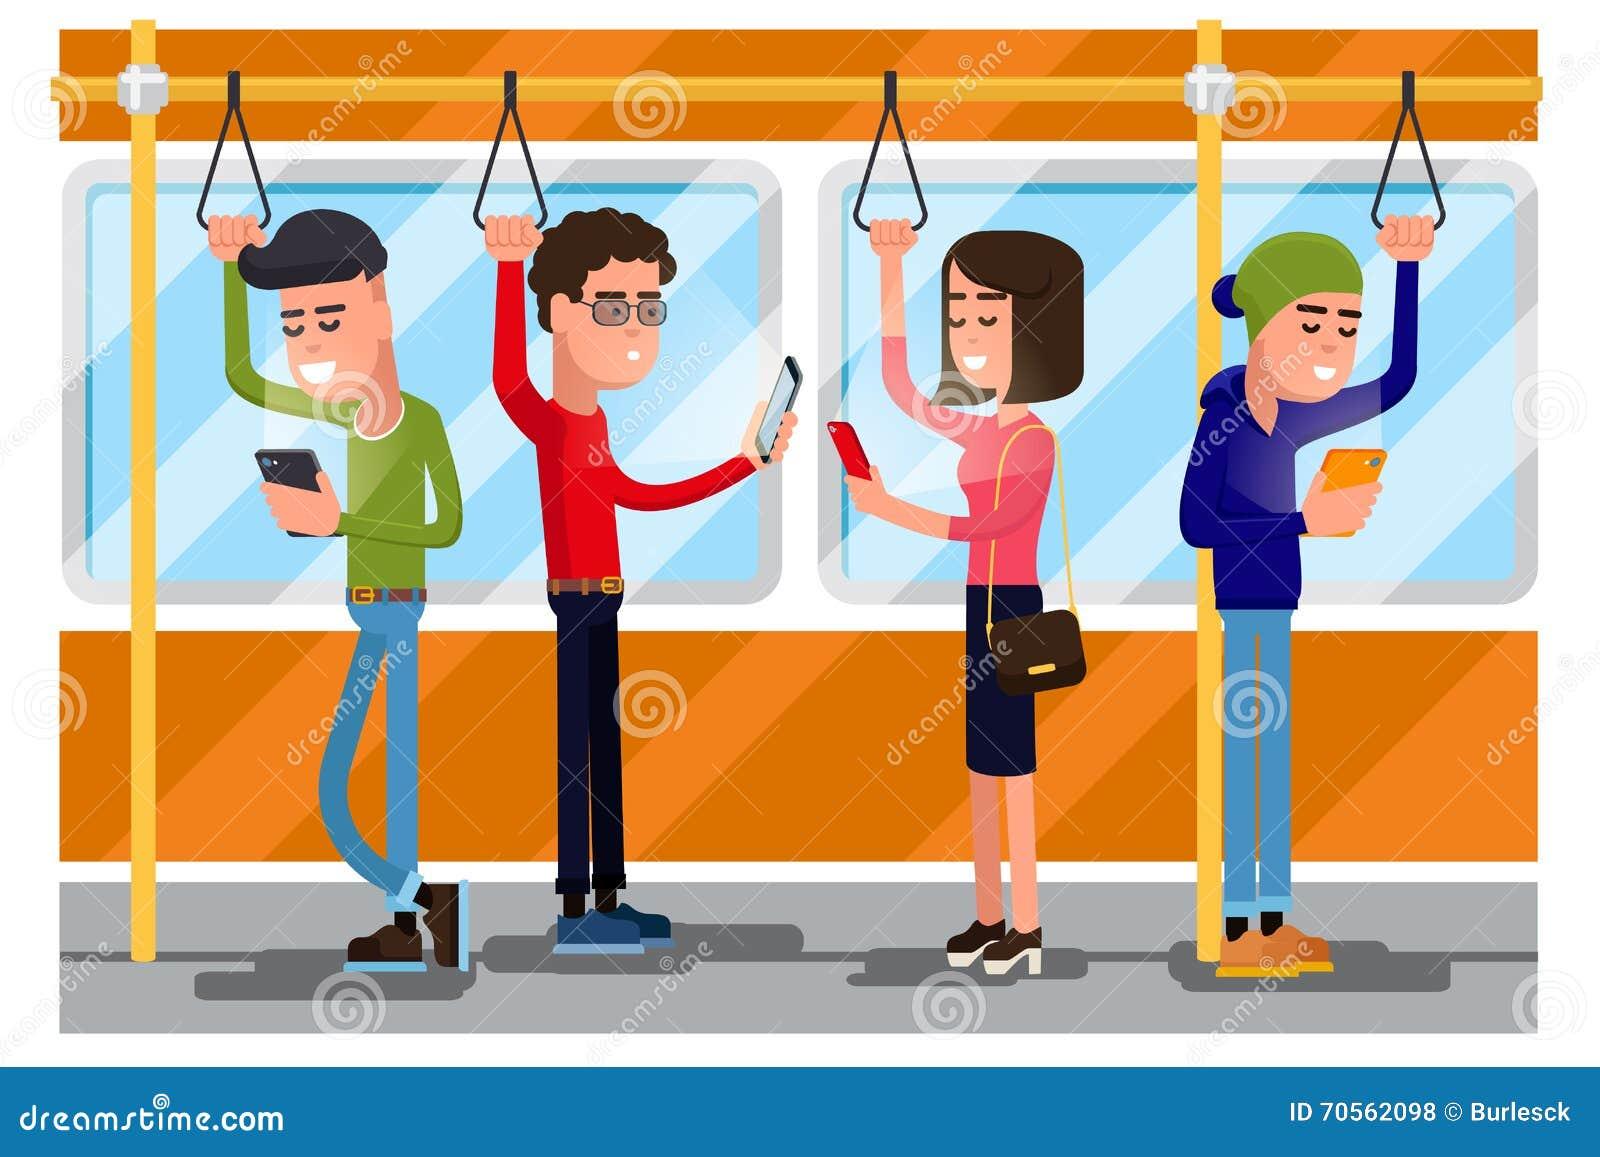 Jongeren die smartphone gebruiken die in openbaar vervoer socialiseren Vector concept background